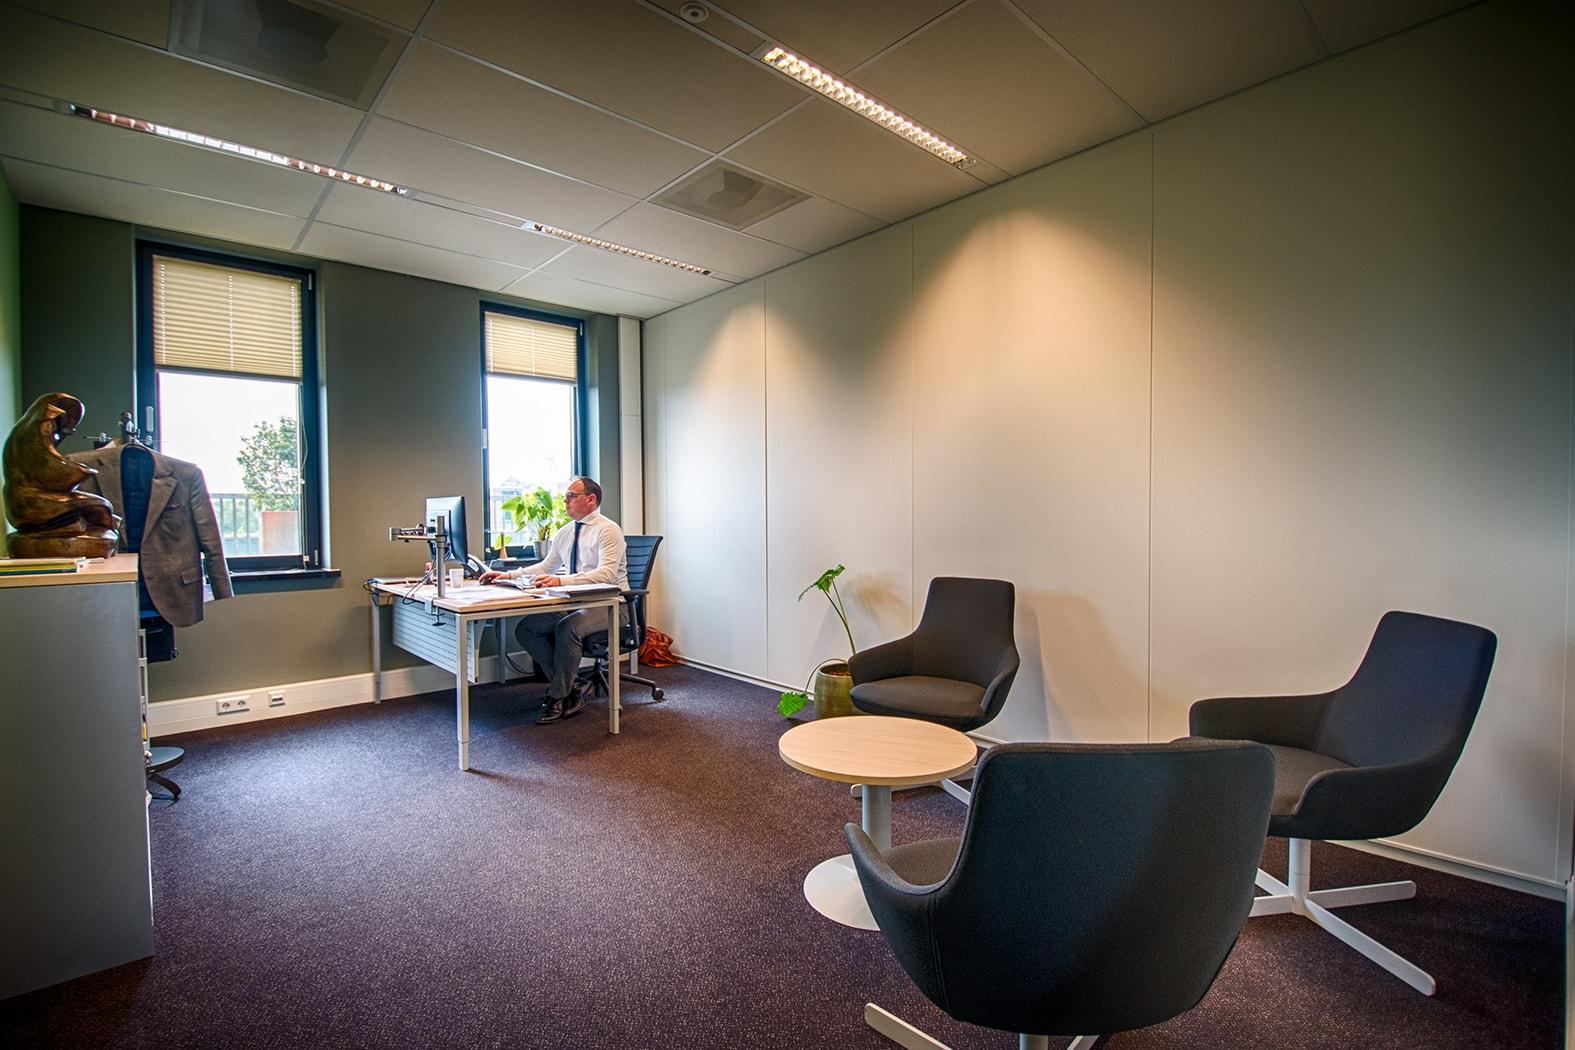 Kantoorruimte huren in Alphen aan den Rijn | Crown Business Center Alphen aan den Rijn